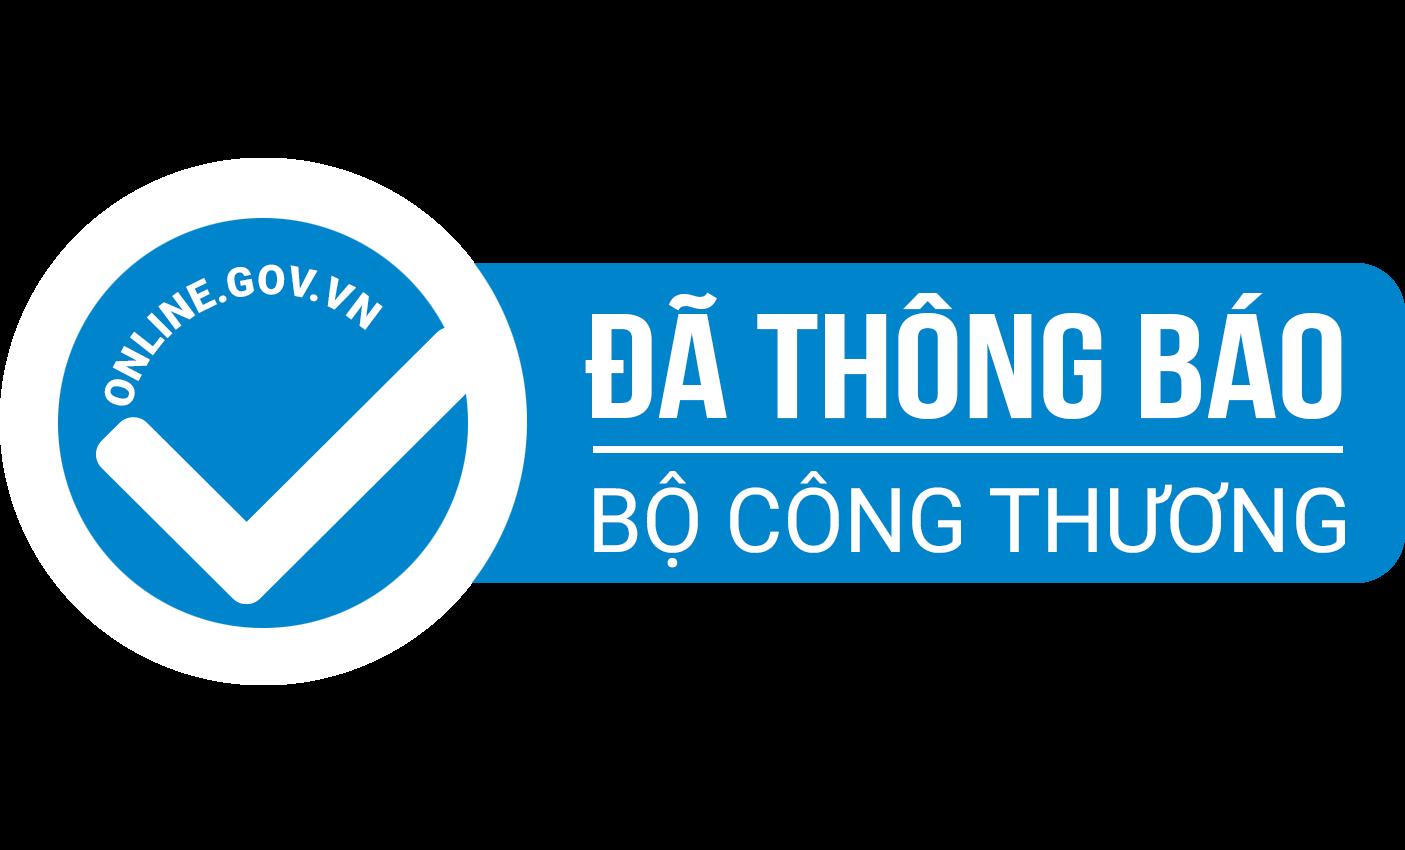 http://online.gov.vn/Home/WebDetails/65845